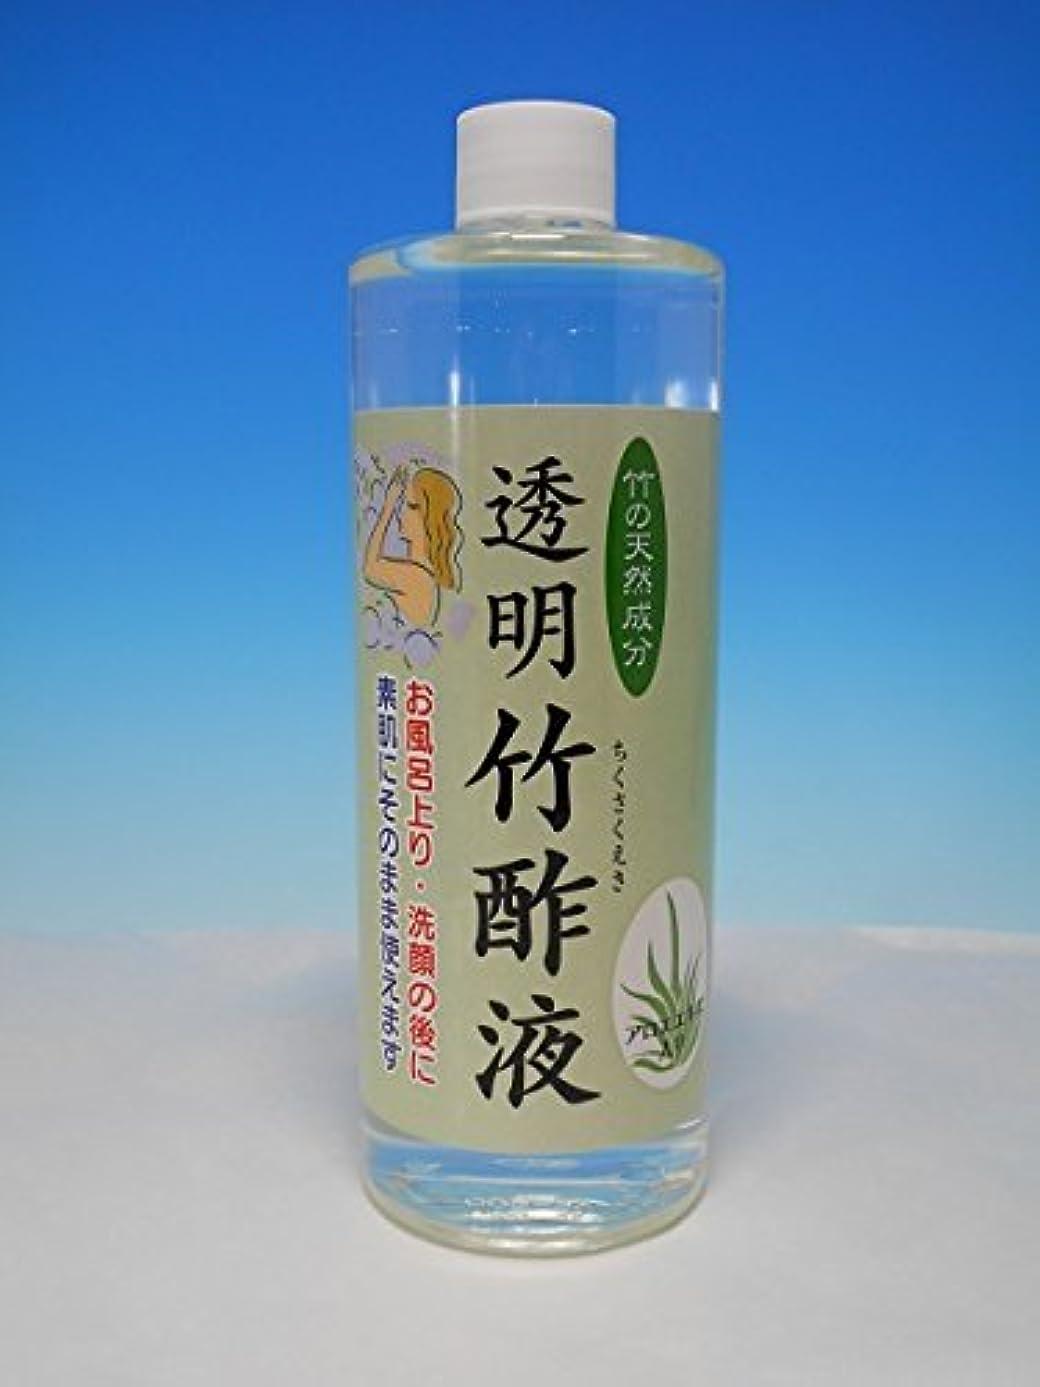 眩惑する試みアクセサリー透明竹酢液 500ml 素肌に使える化粧水タイプの竹酢液